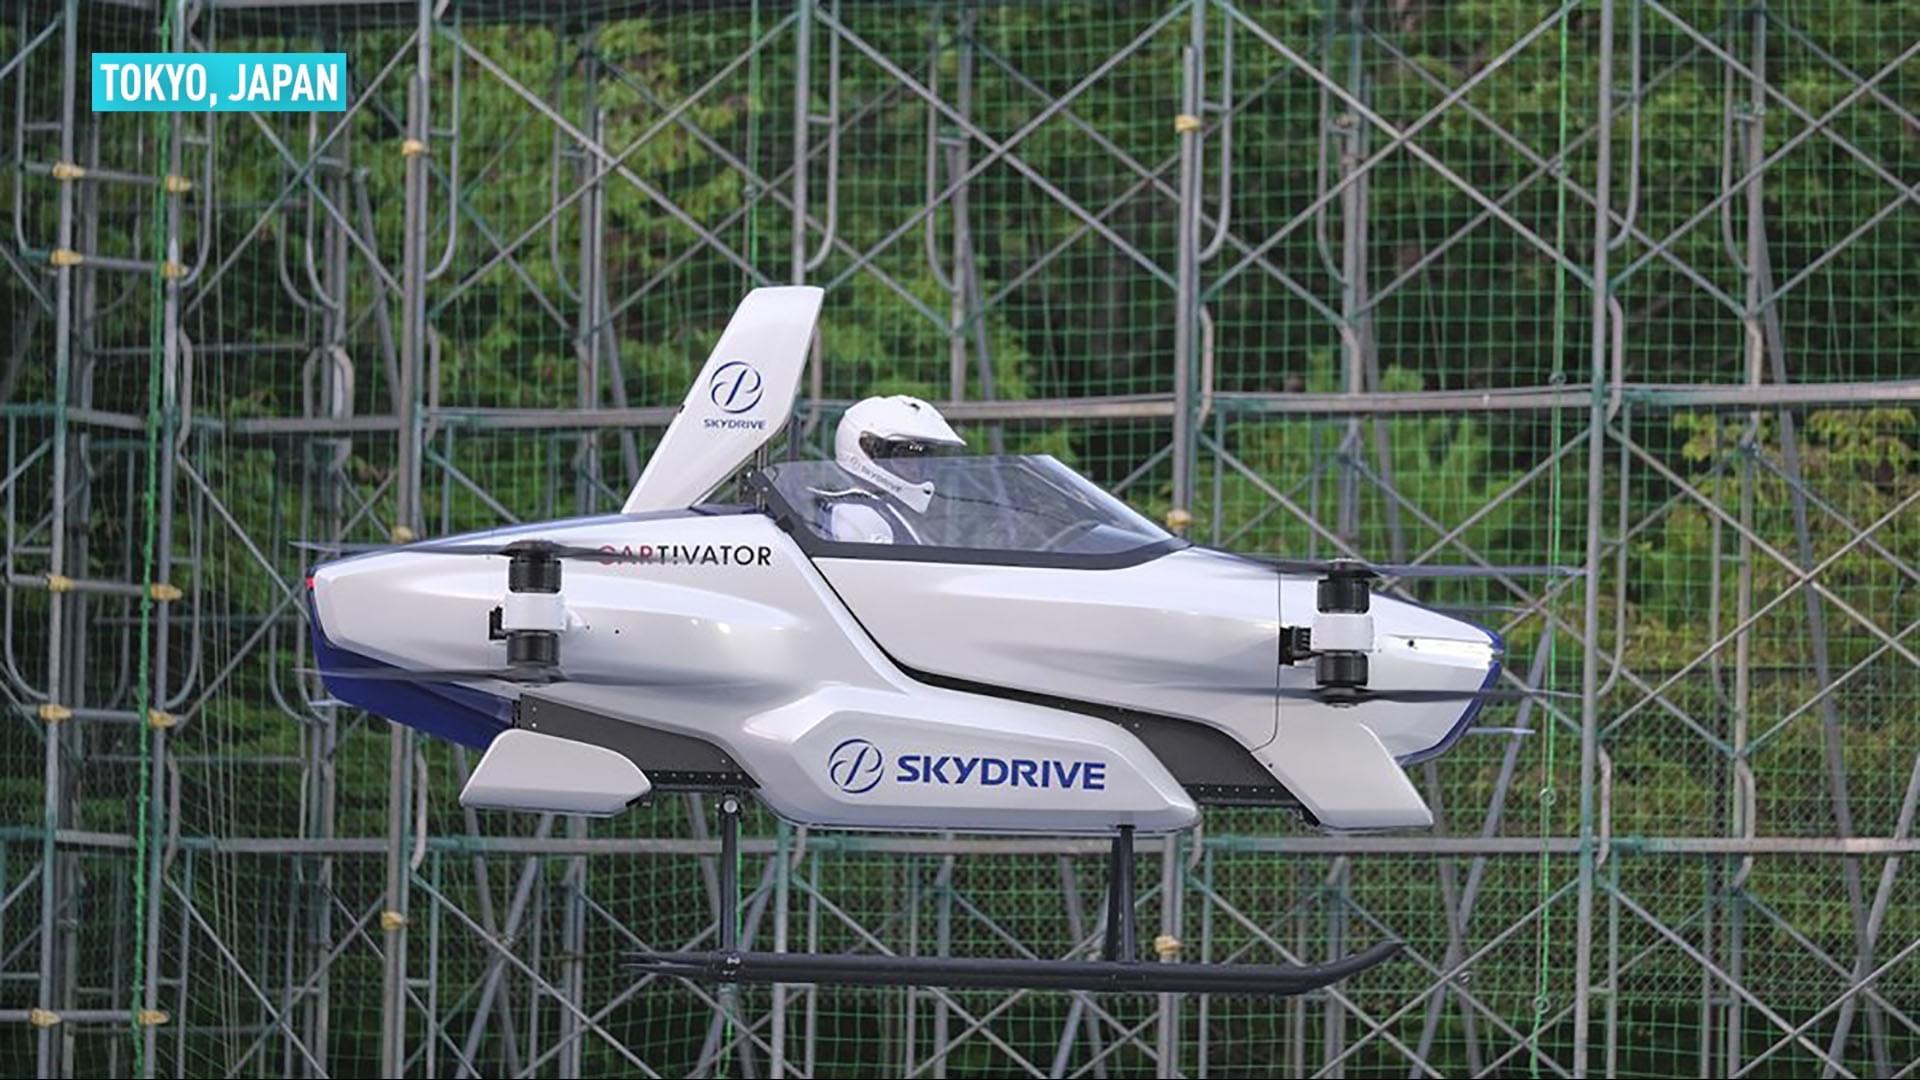 जापानी प्रबिधिको अर्को फड्को-'स्काई ड्राइभ' अर्थात उड्ने कारले सफलता पायो